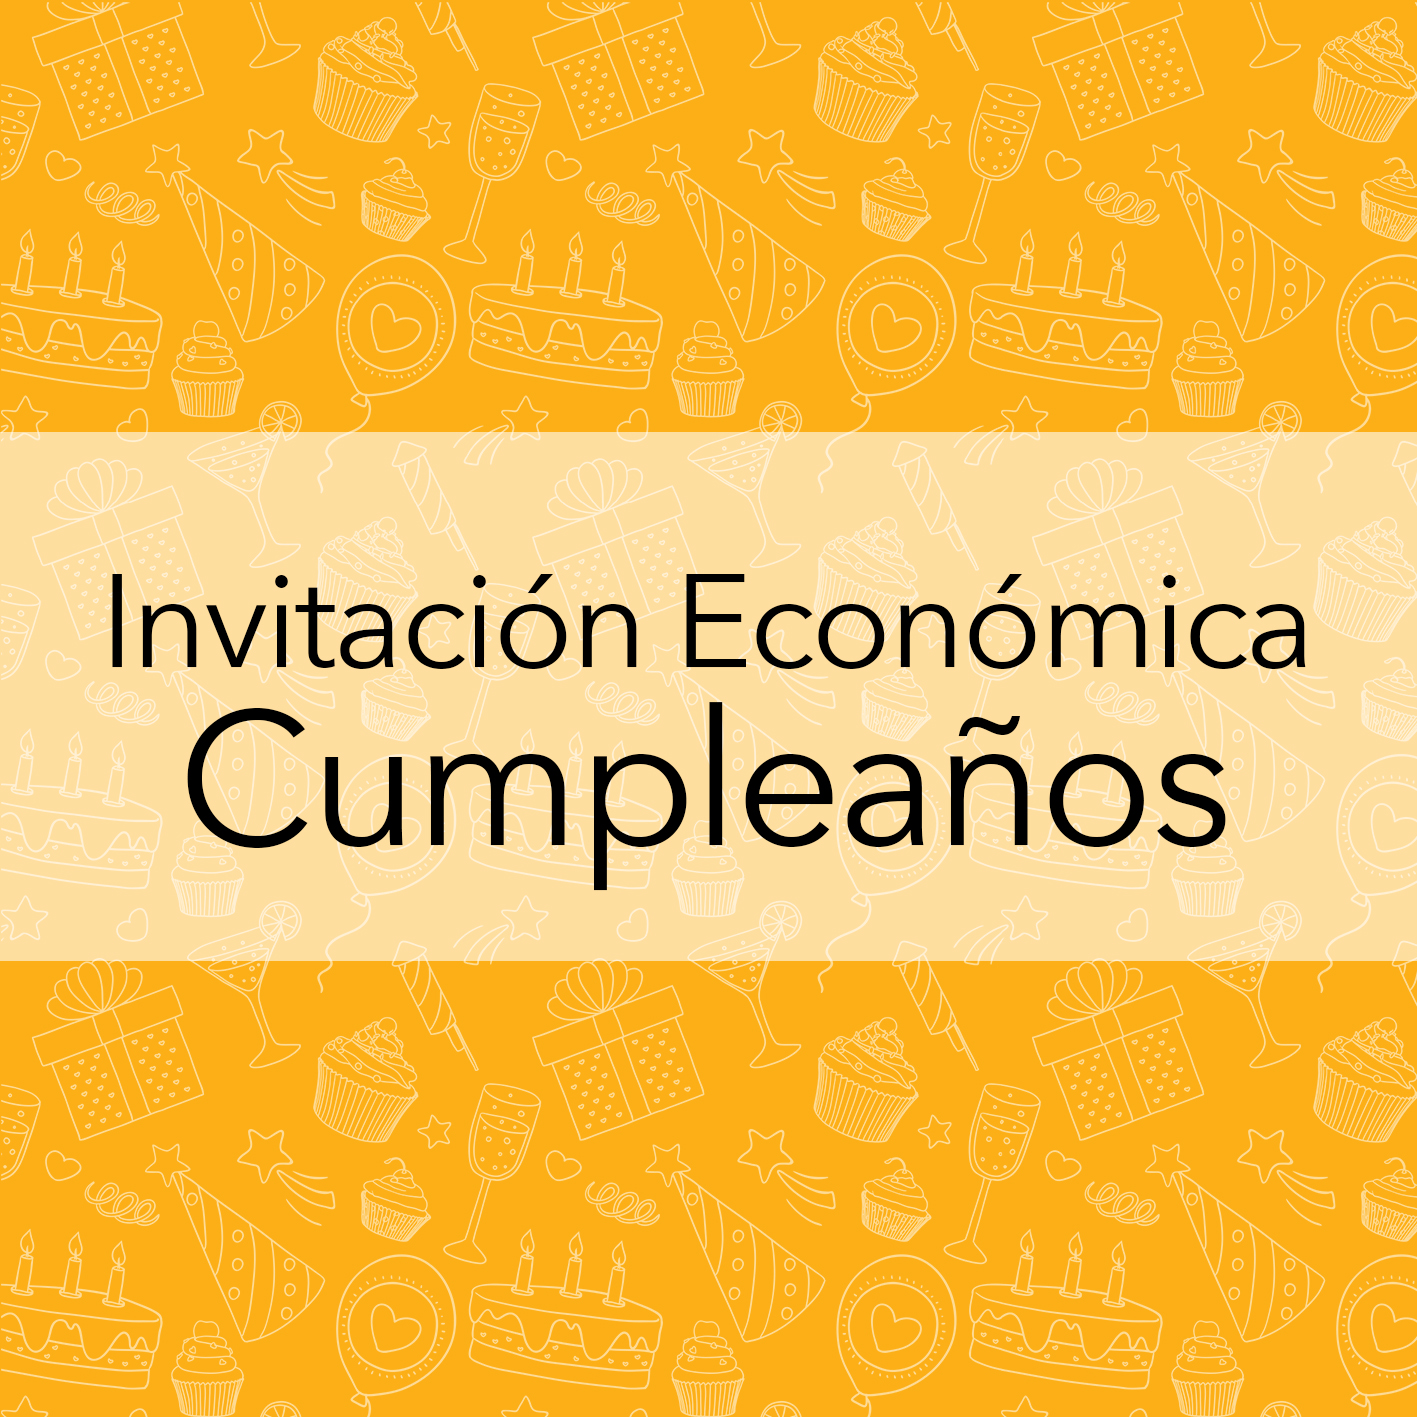 INVITACIÓN ECONOMICA CUMPLEAÑOS